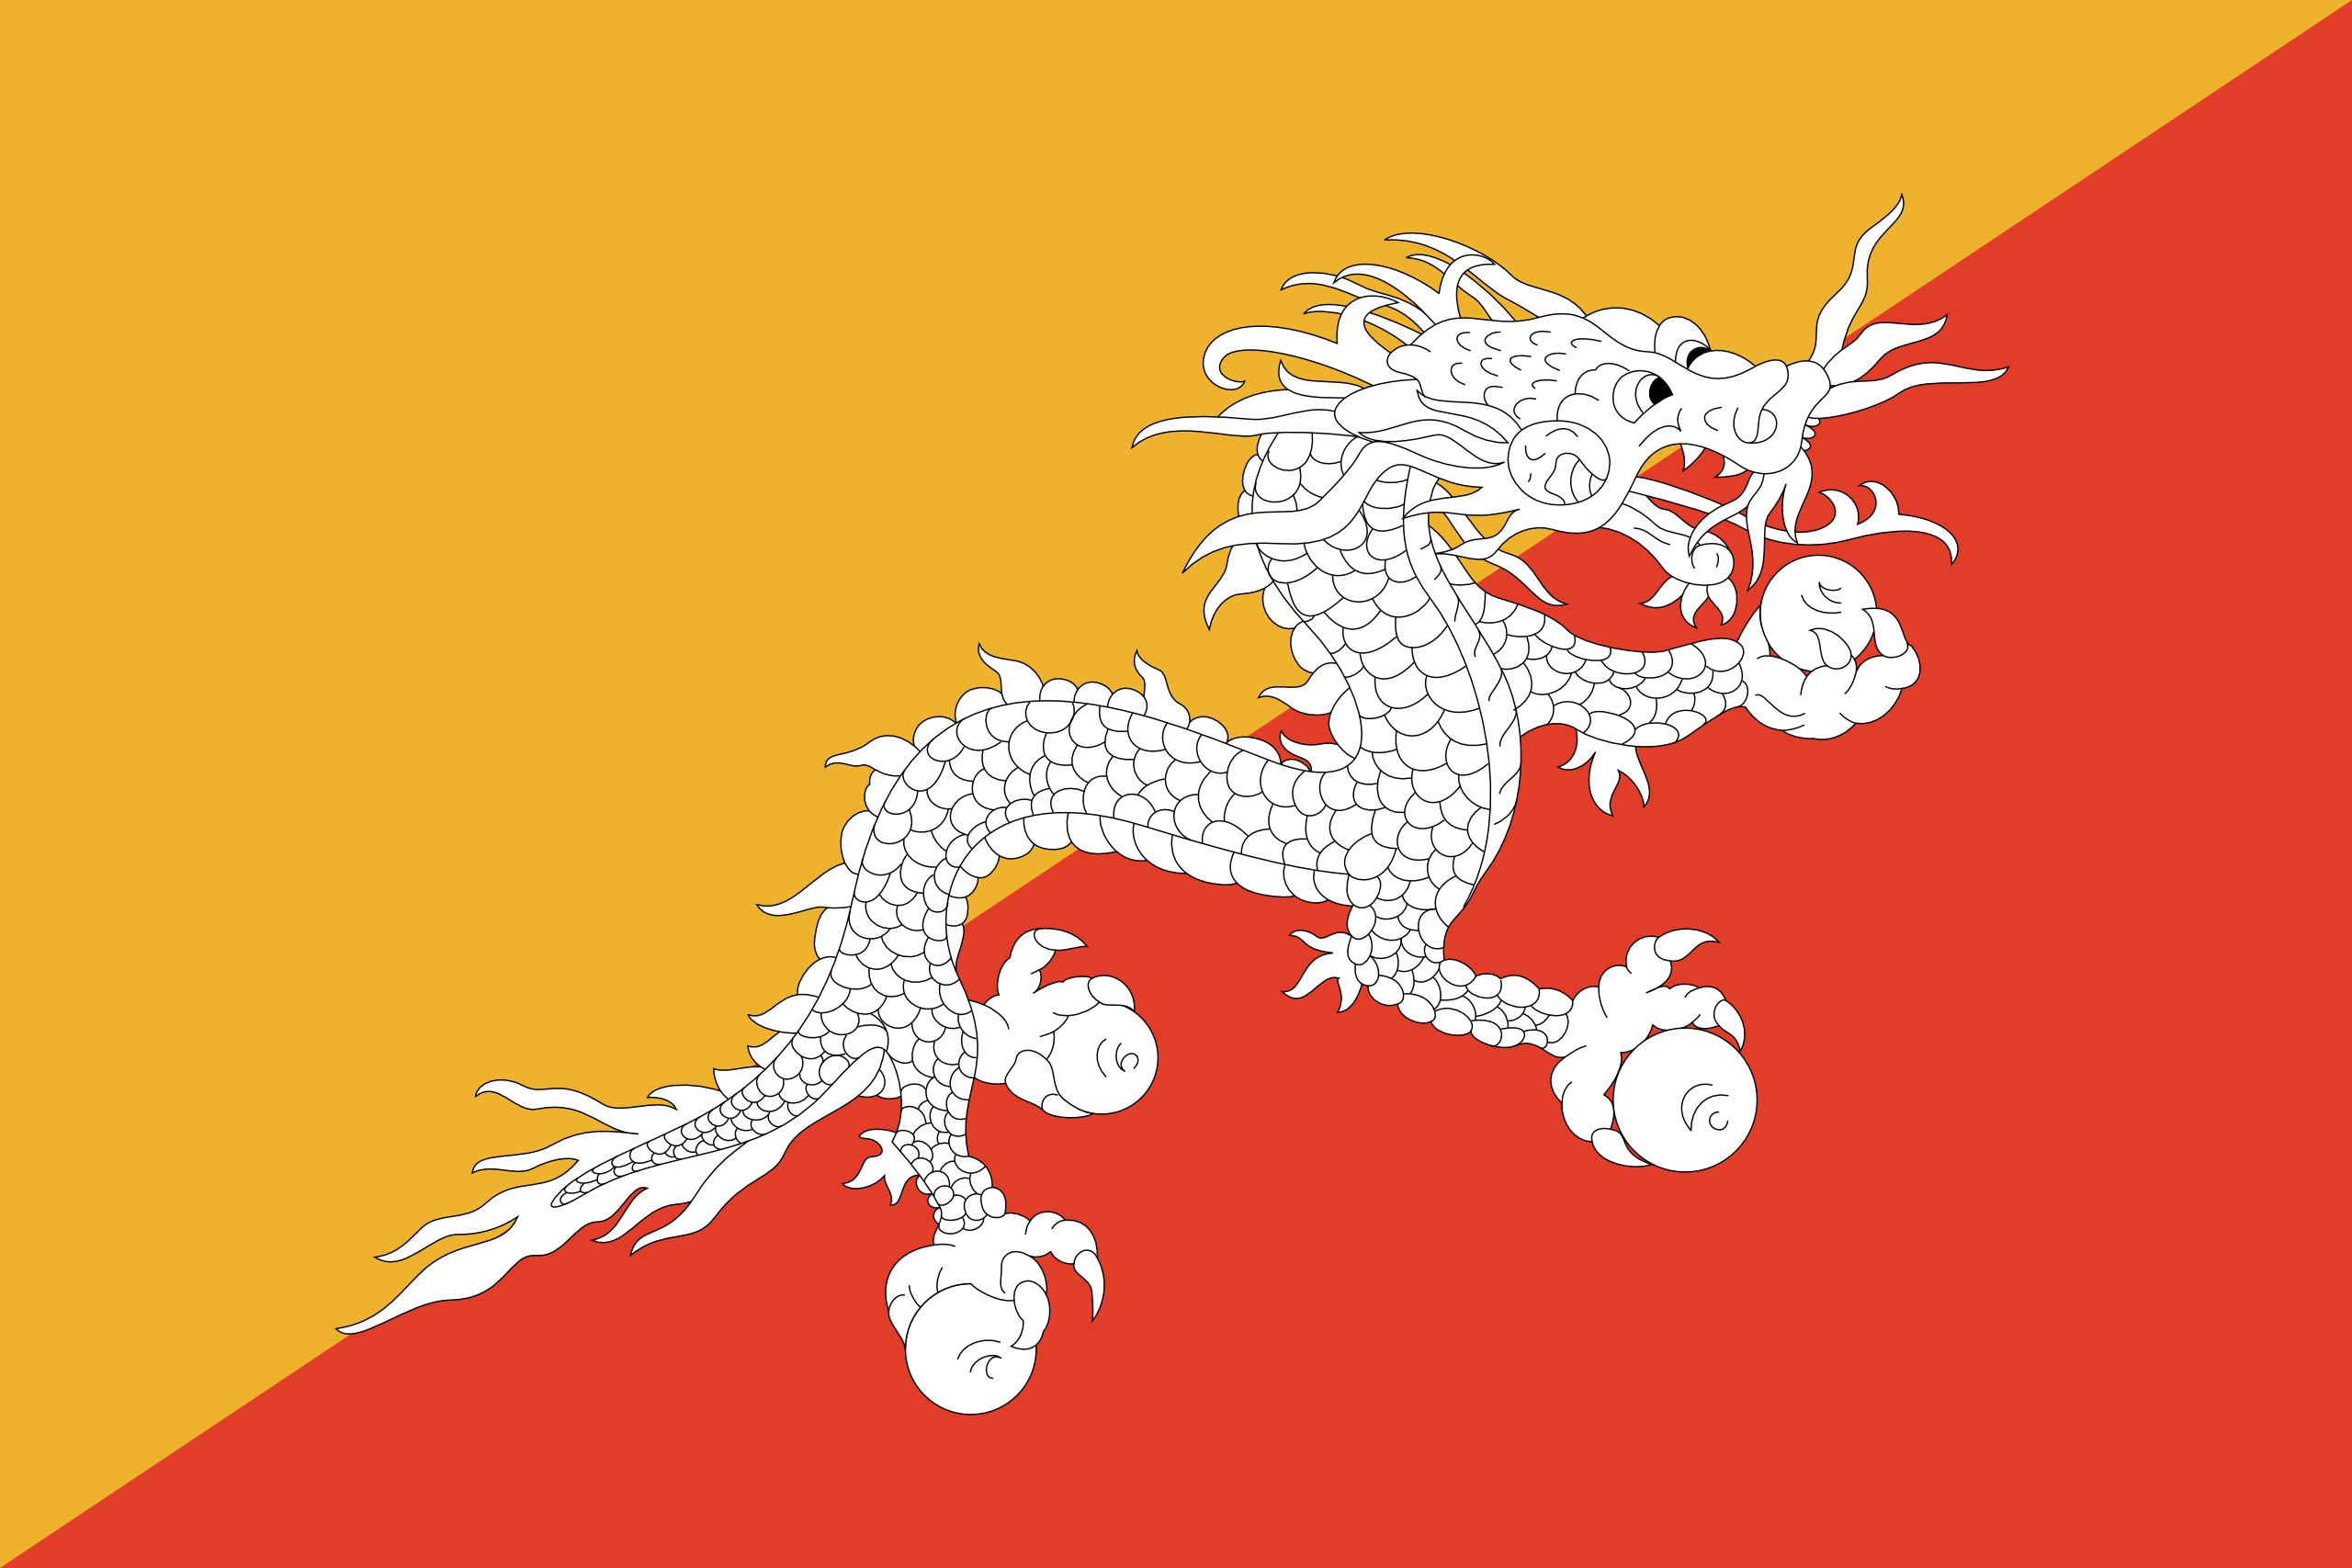 bután, 国家, 会徽, 徽标, 符号 - 高清壁纸 - 教授-falken.com